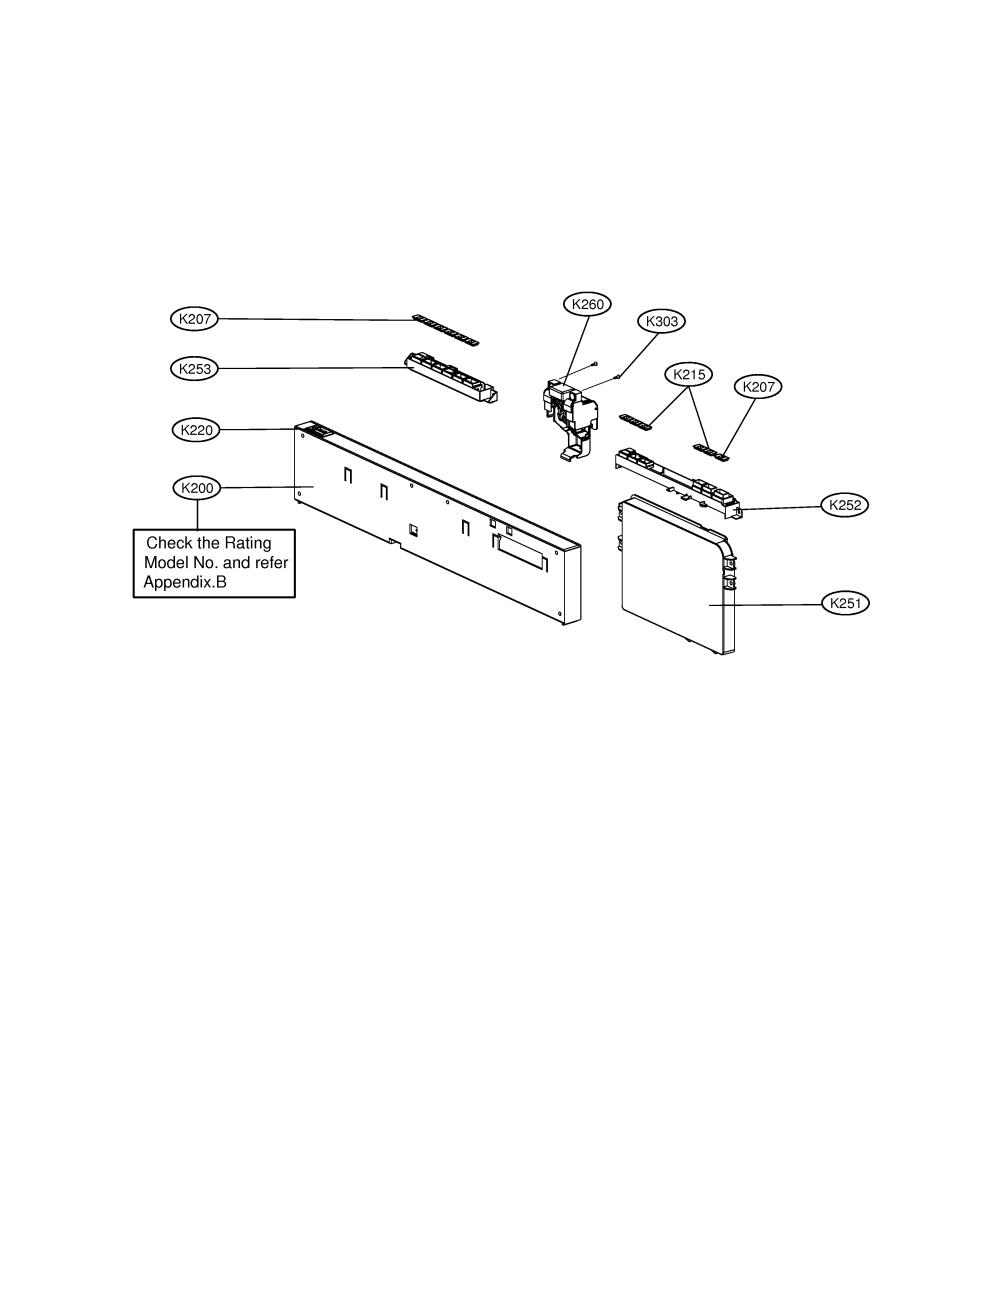 medium resolution of lg ldf9810st panel assembly diagram